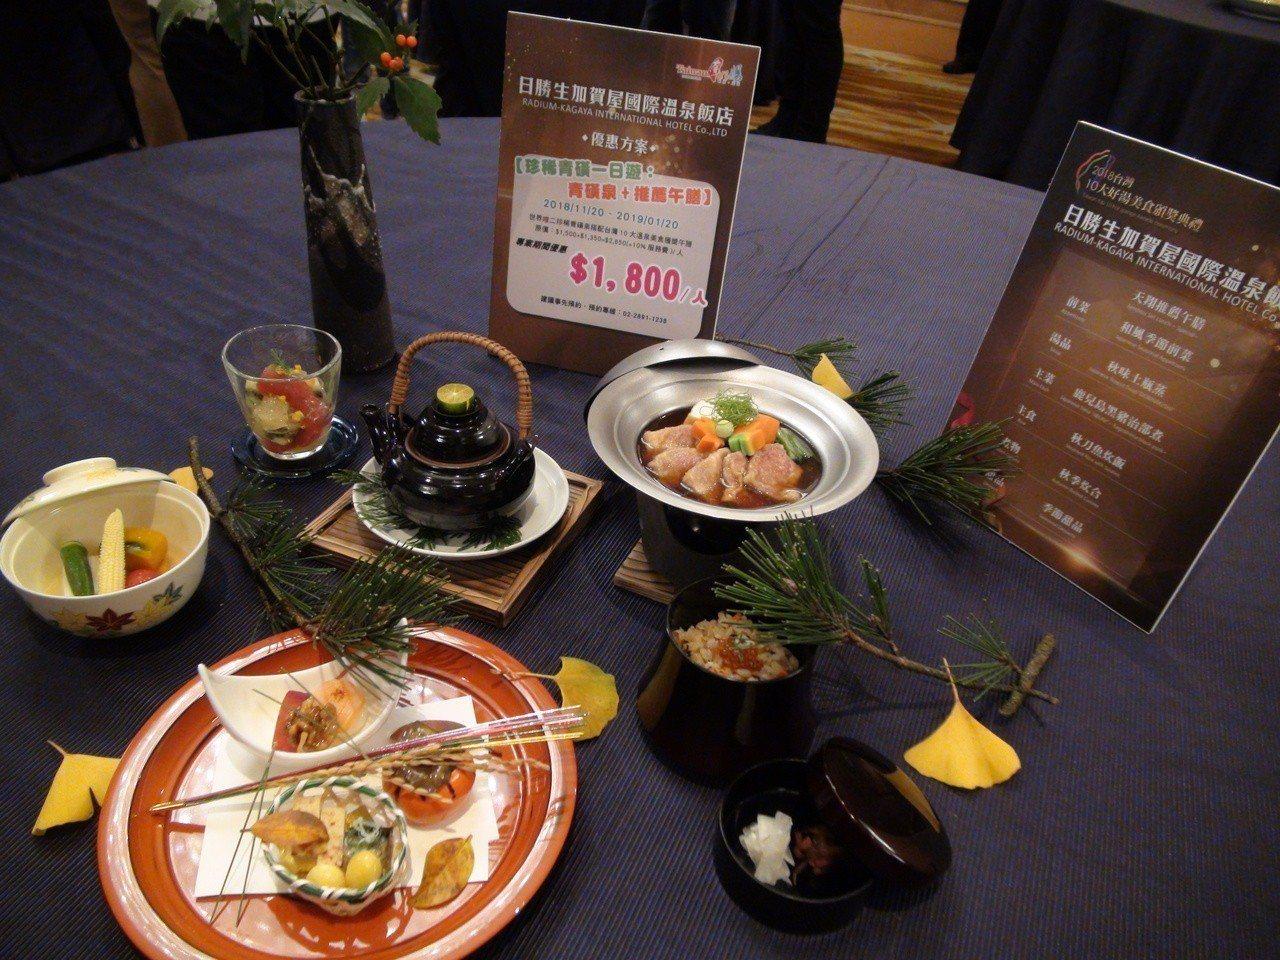 台灣的溫泉小鎮推養生又好吃的「溫泉美食」,昨天在高雄漢來飯店辦發表會,得獎業者推...